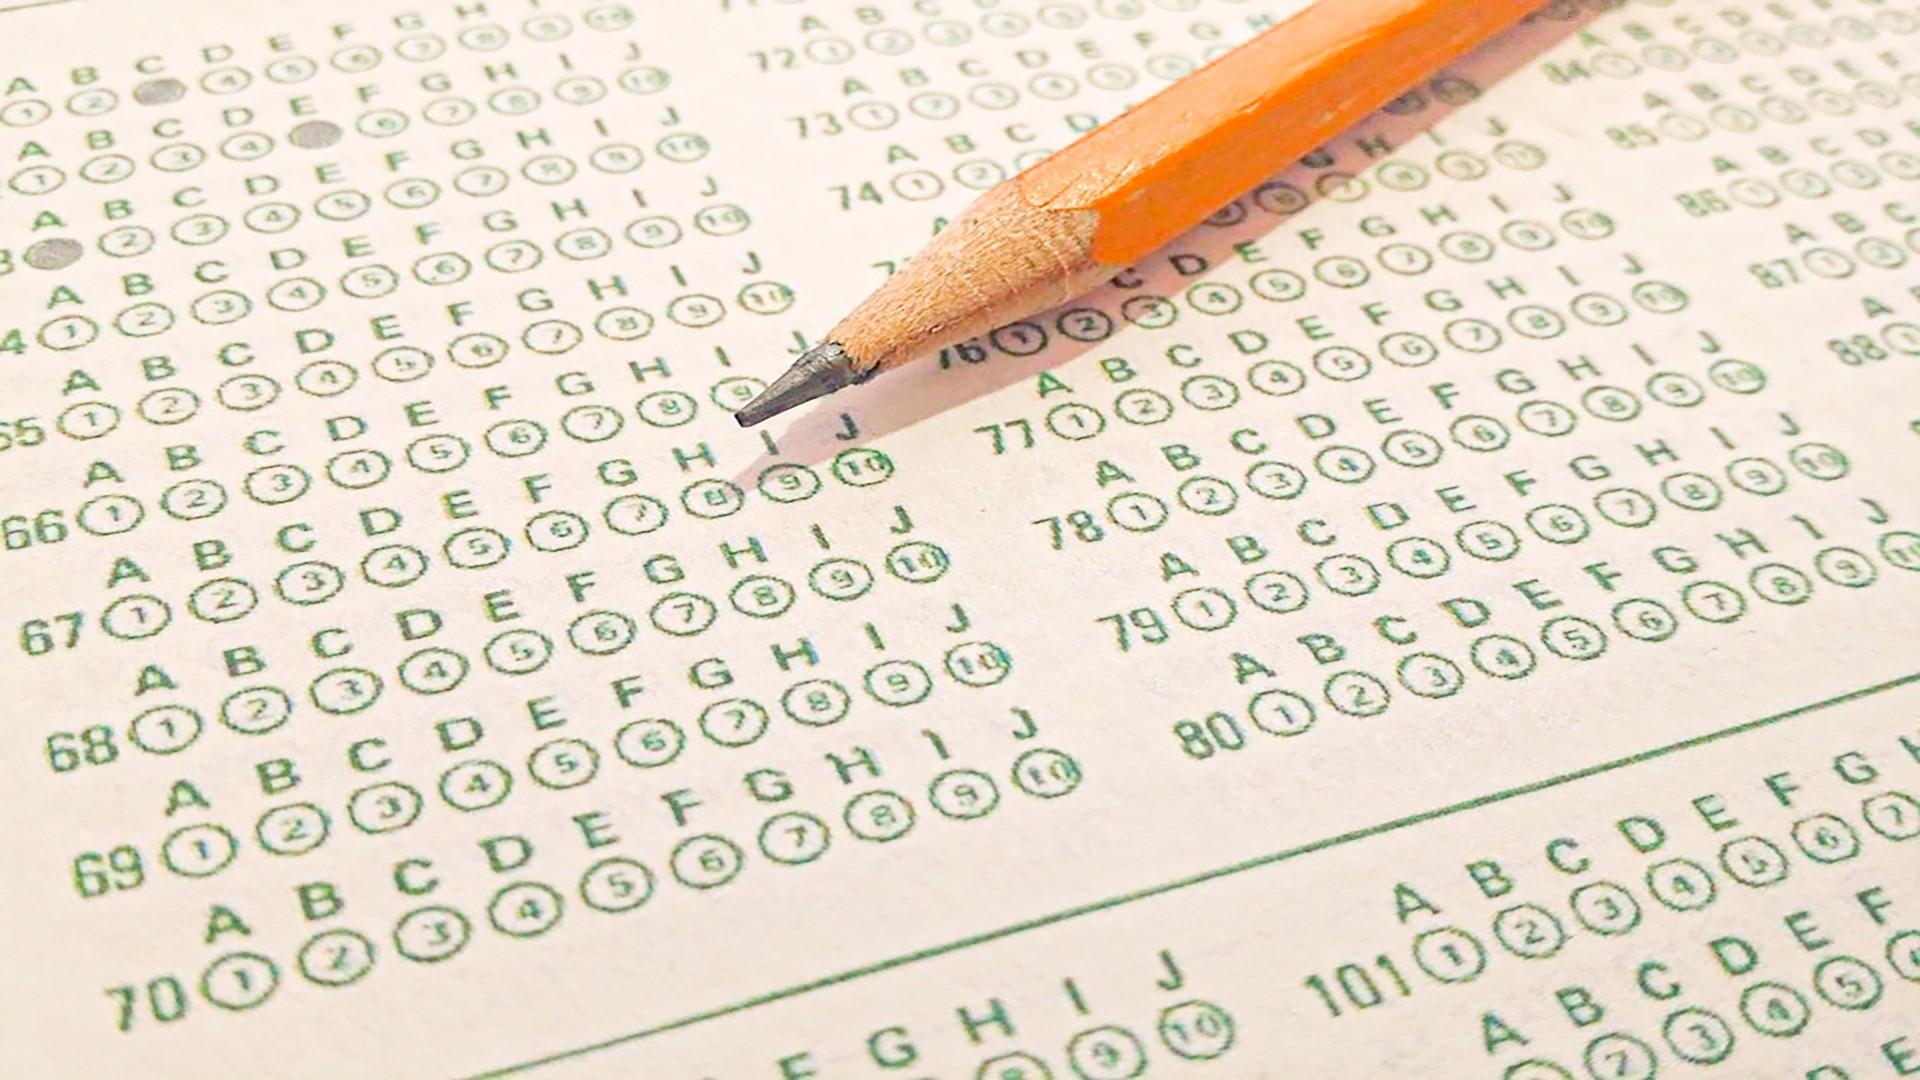 Standardized Test Bubbles and Pencil